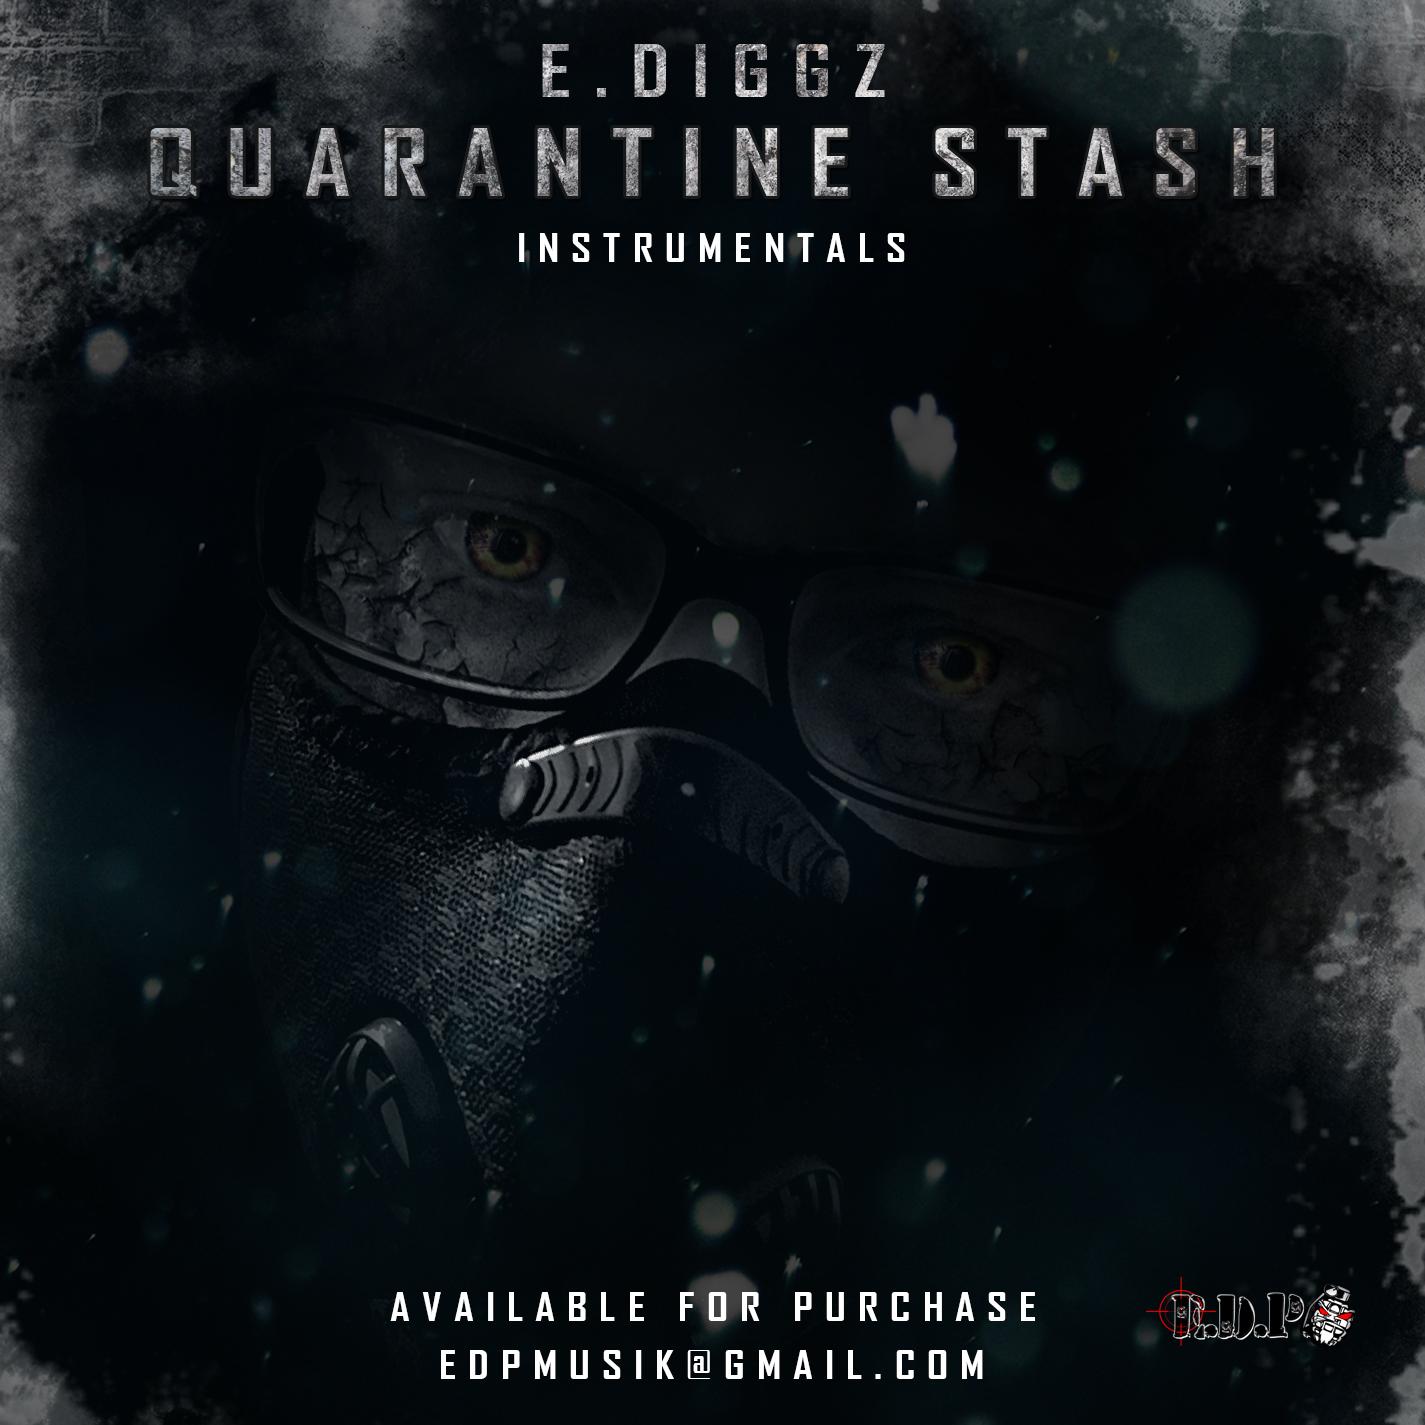 Quarantine Stash Instrumentals